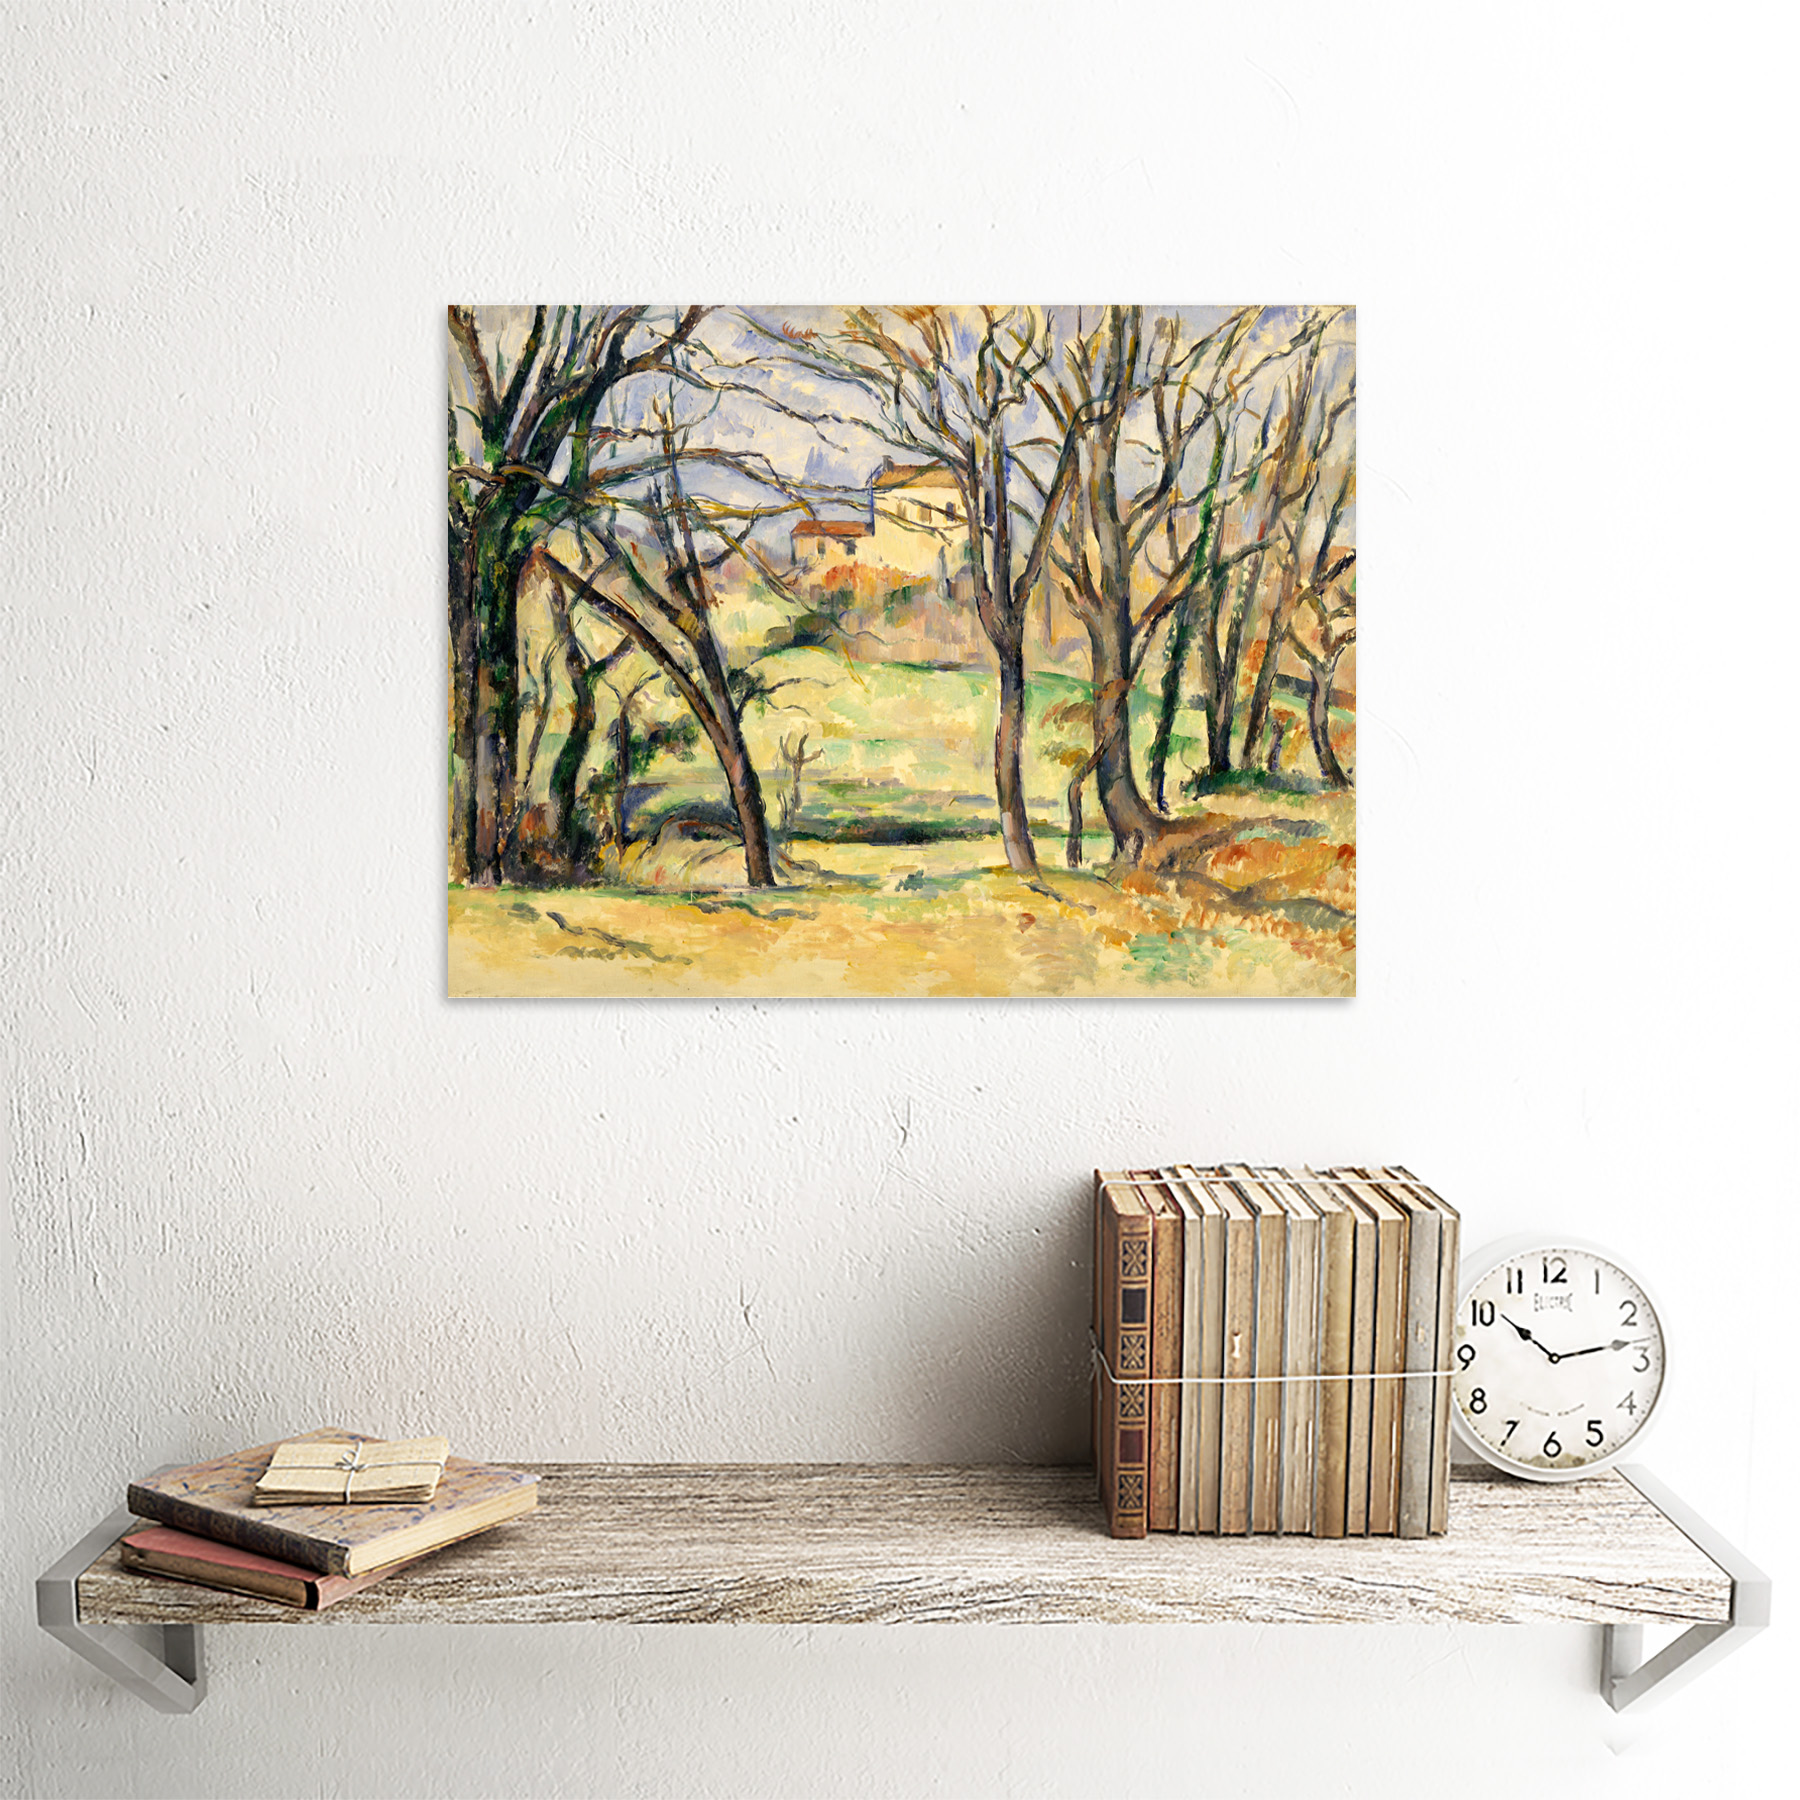 Cezanne-Trees-Houses-Near-Jas-De-Bouffan-Painting-Wall-Art-Print-Framed-12x16 miniatuur 27